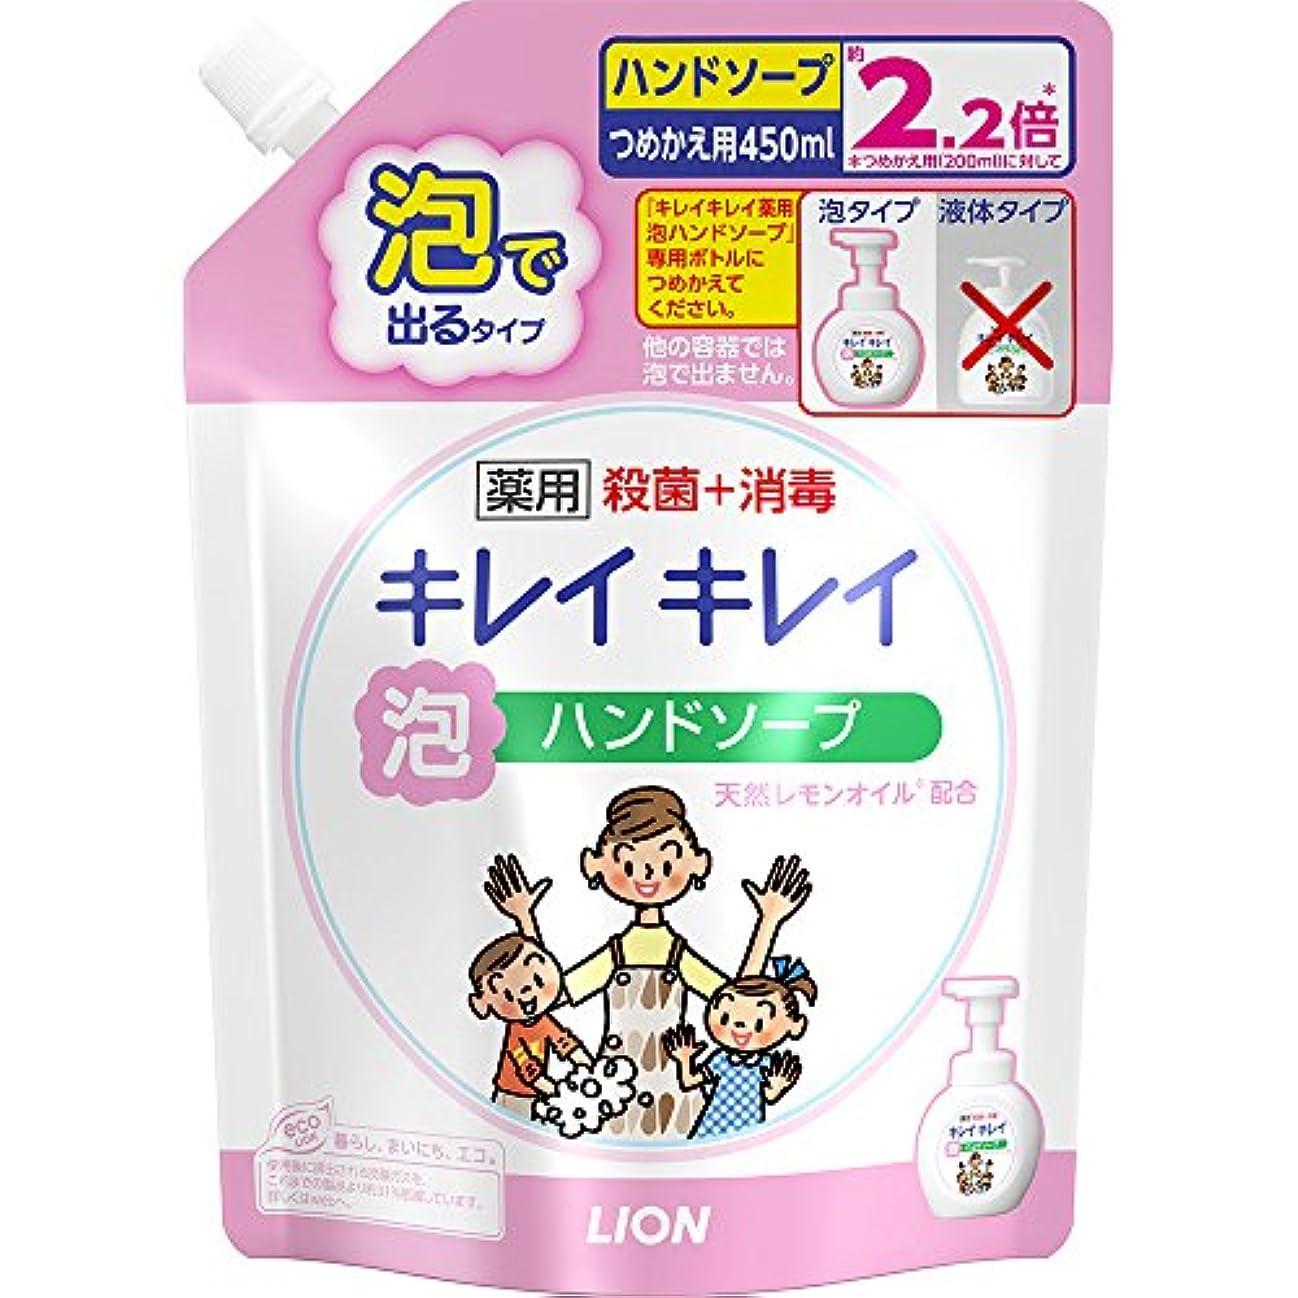 キャッチヒュームウェブキレイキレイ 薬用 泡ハンドソープ シトラスフルーティの香り 詰め替え 450ml(医薬部外品)